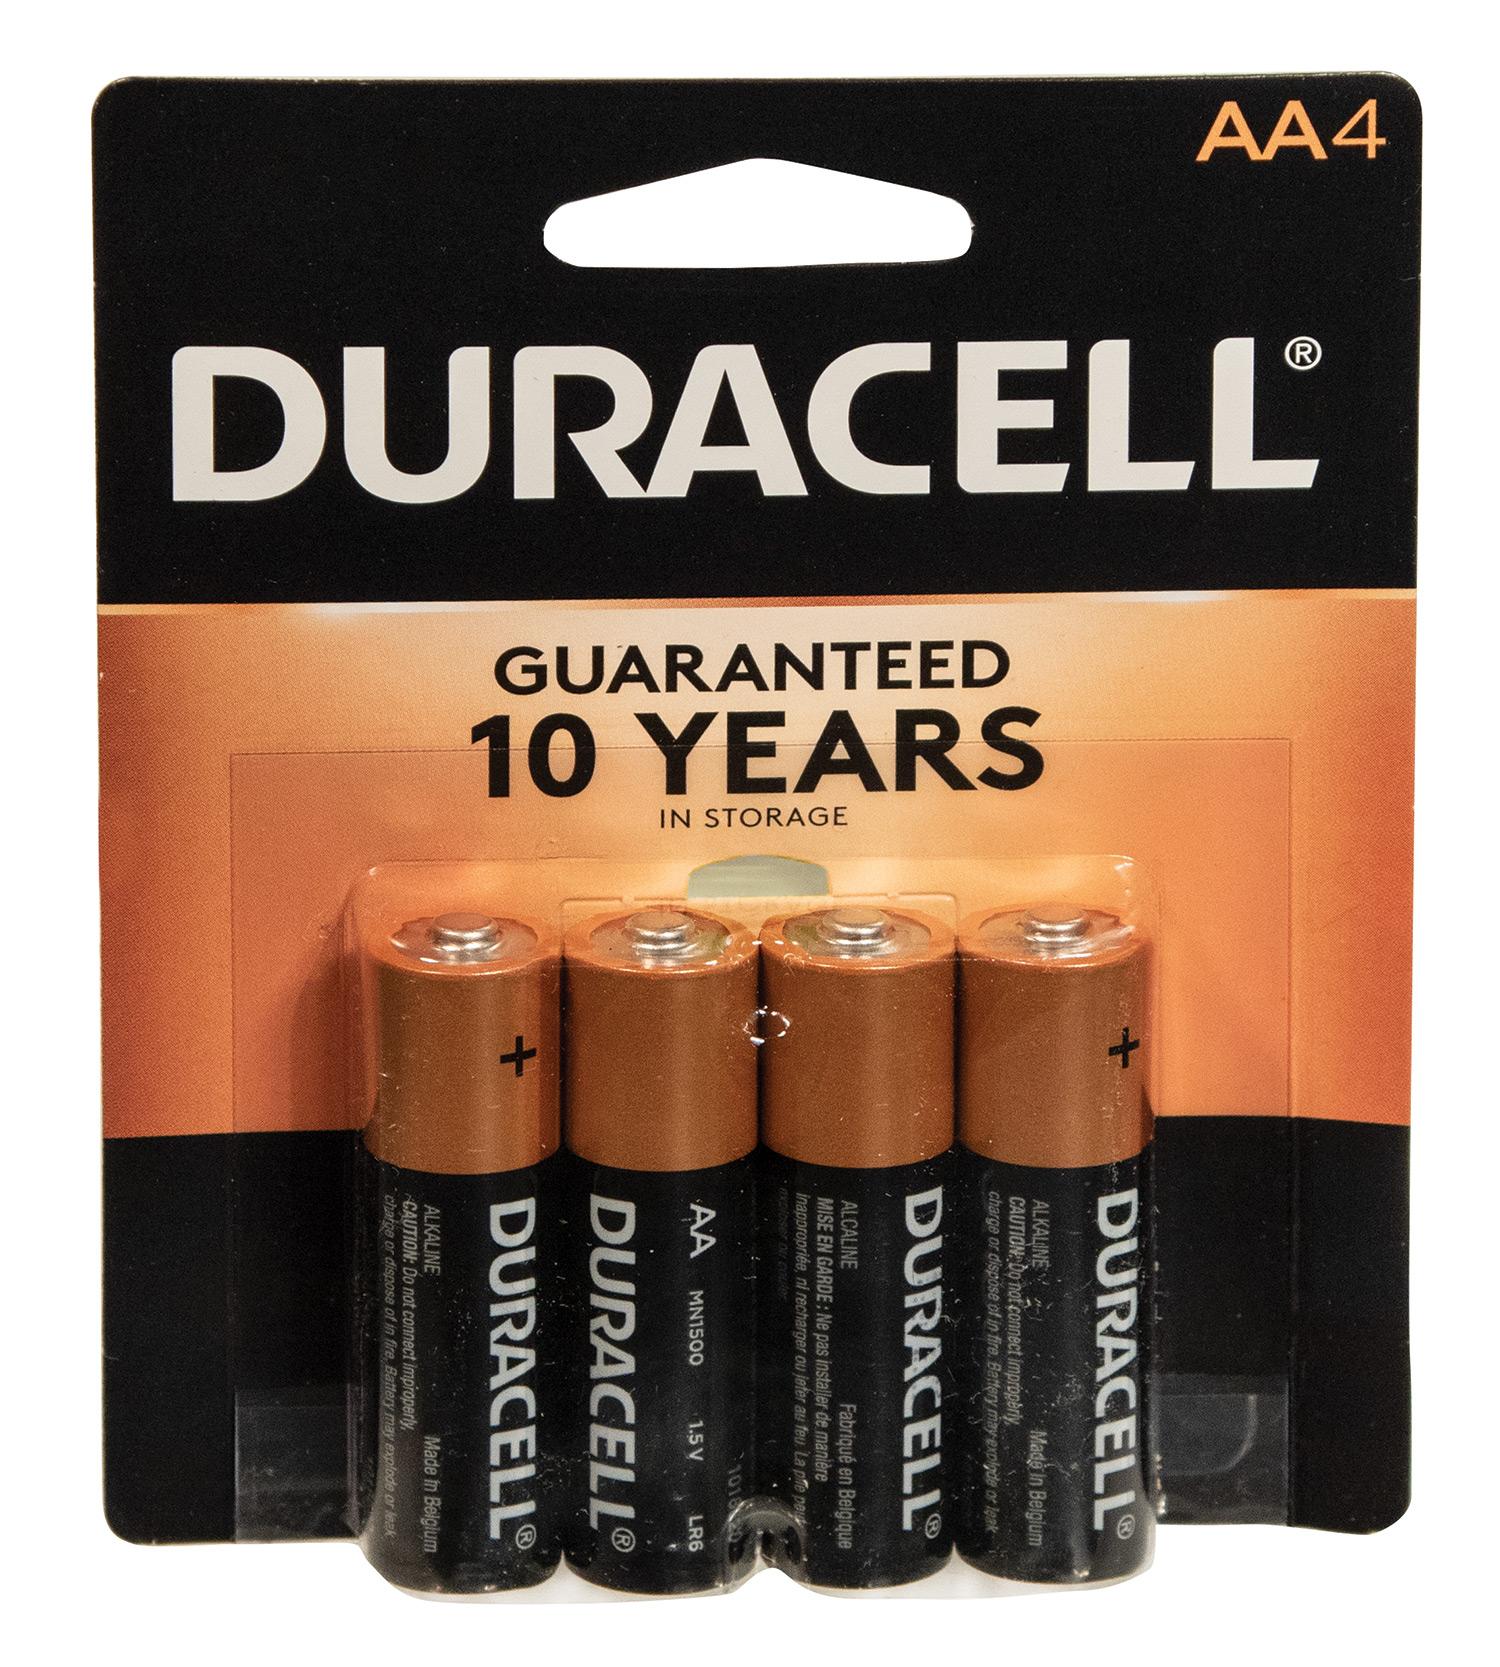 Duracell 4 AA Batteries